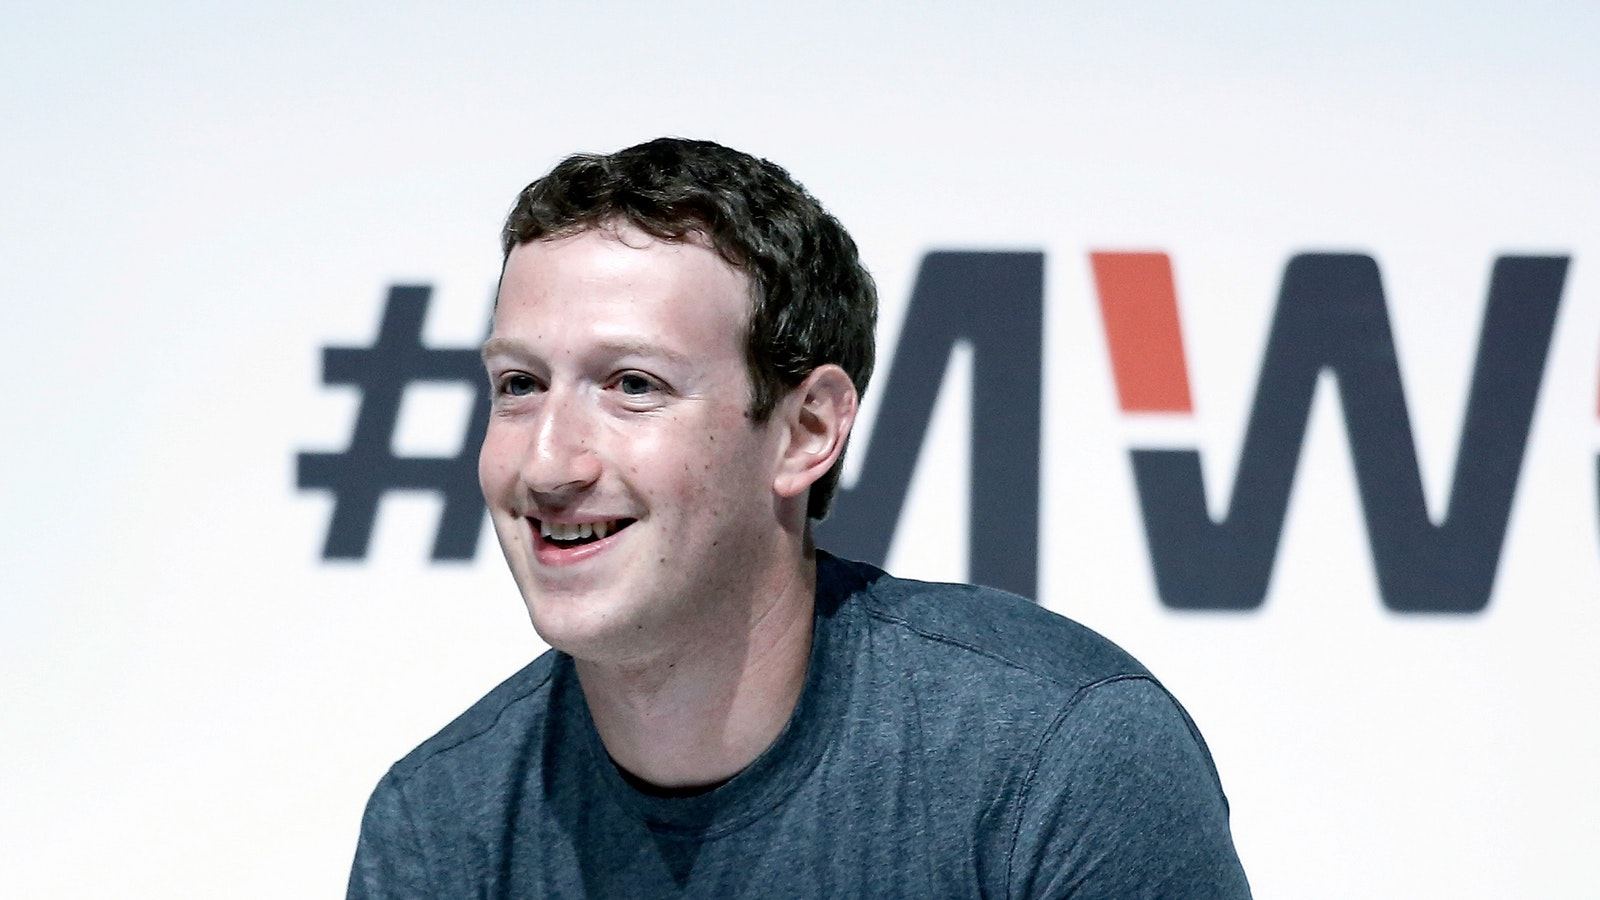 Mark Zuckerberg. Photo by Bloomberg.